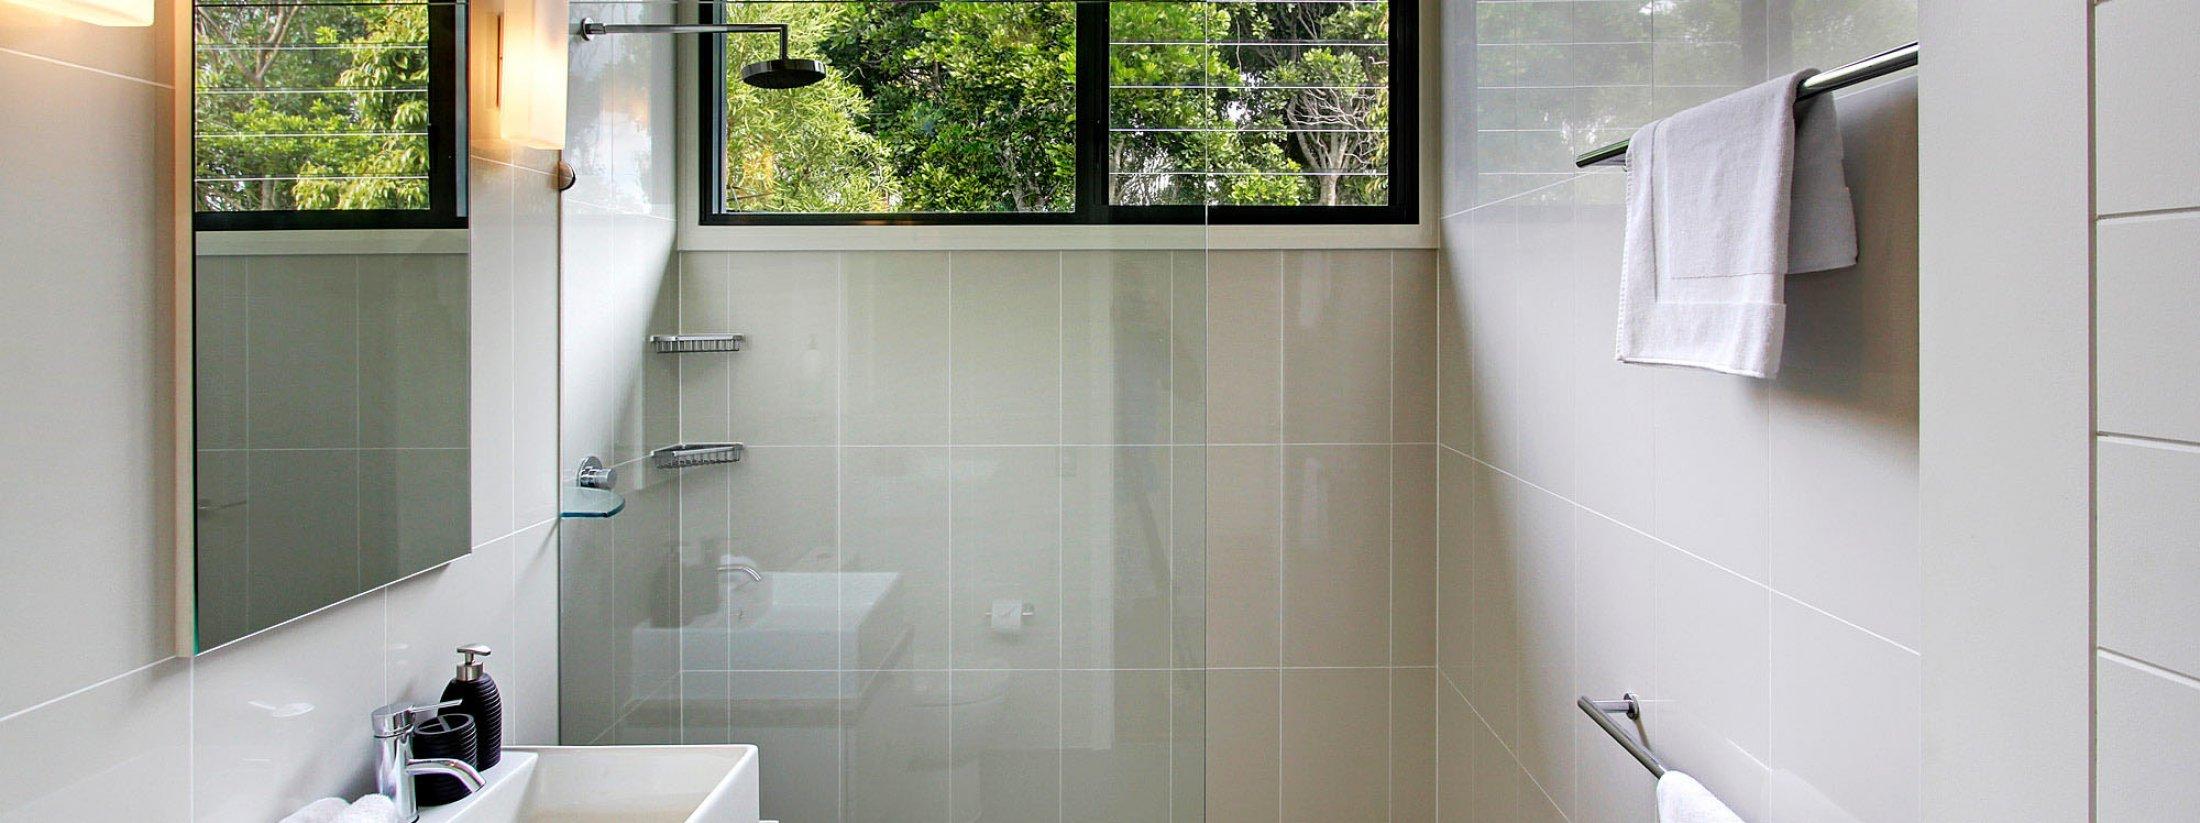 Ocean View at Kiah - Byron Bay - Bathroom Shared